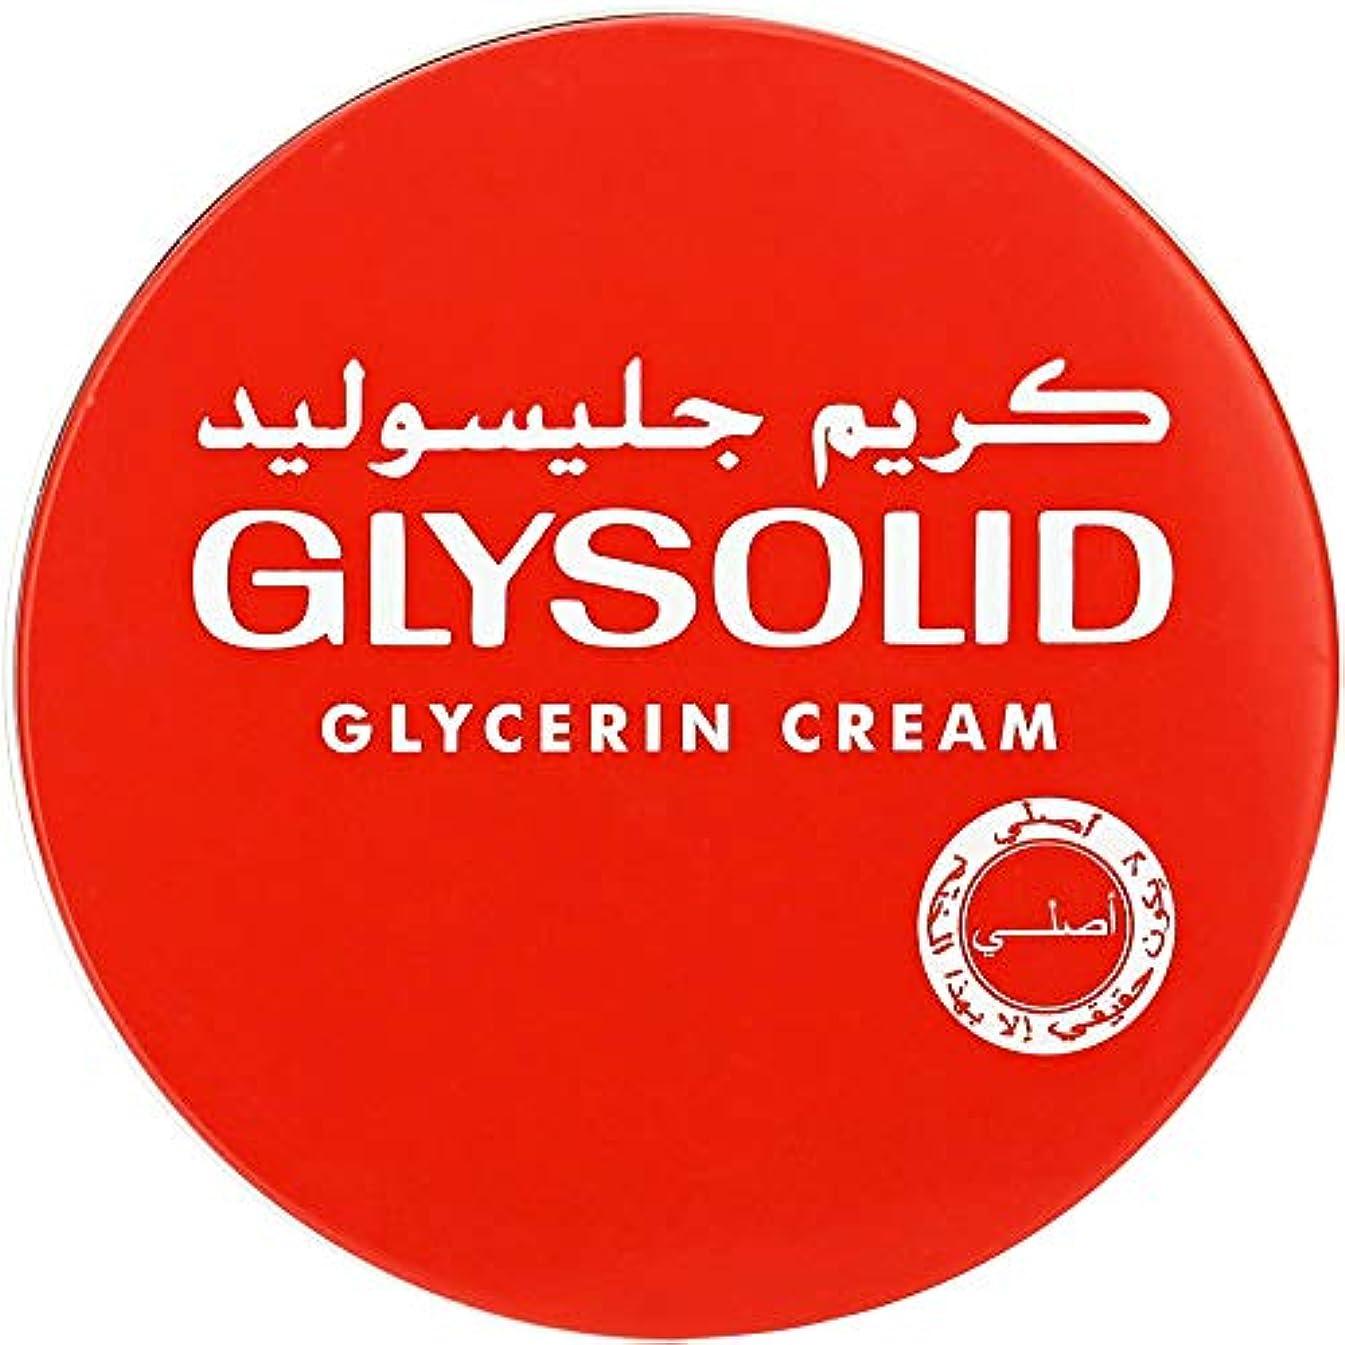 ほとんどない連続した無意味Glysolid Cream Face Moisturizers For Dry Skin Hands Feet Elbow Body Softening With Glycerin Keeping Your Skin...